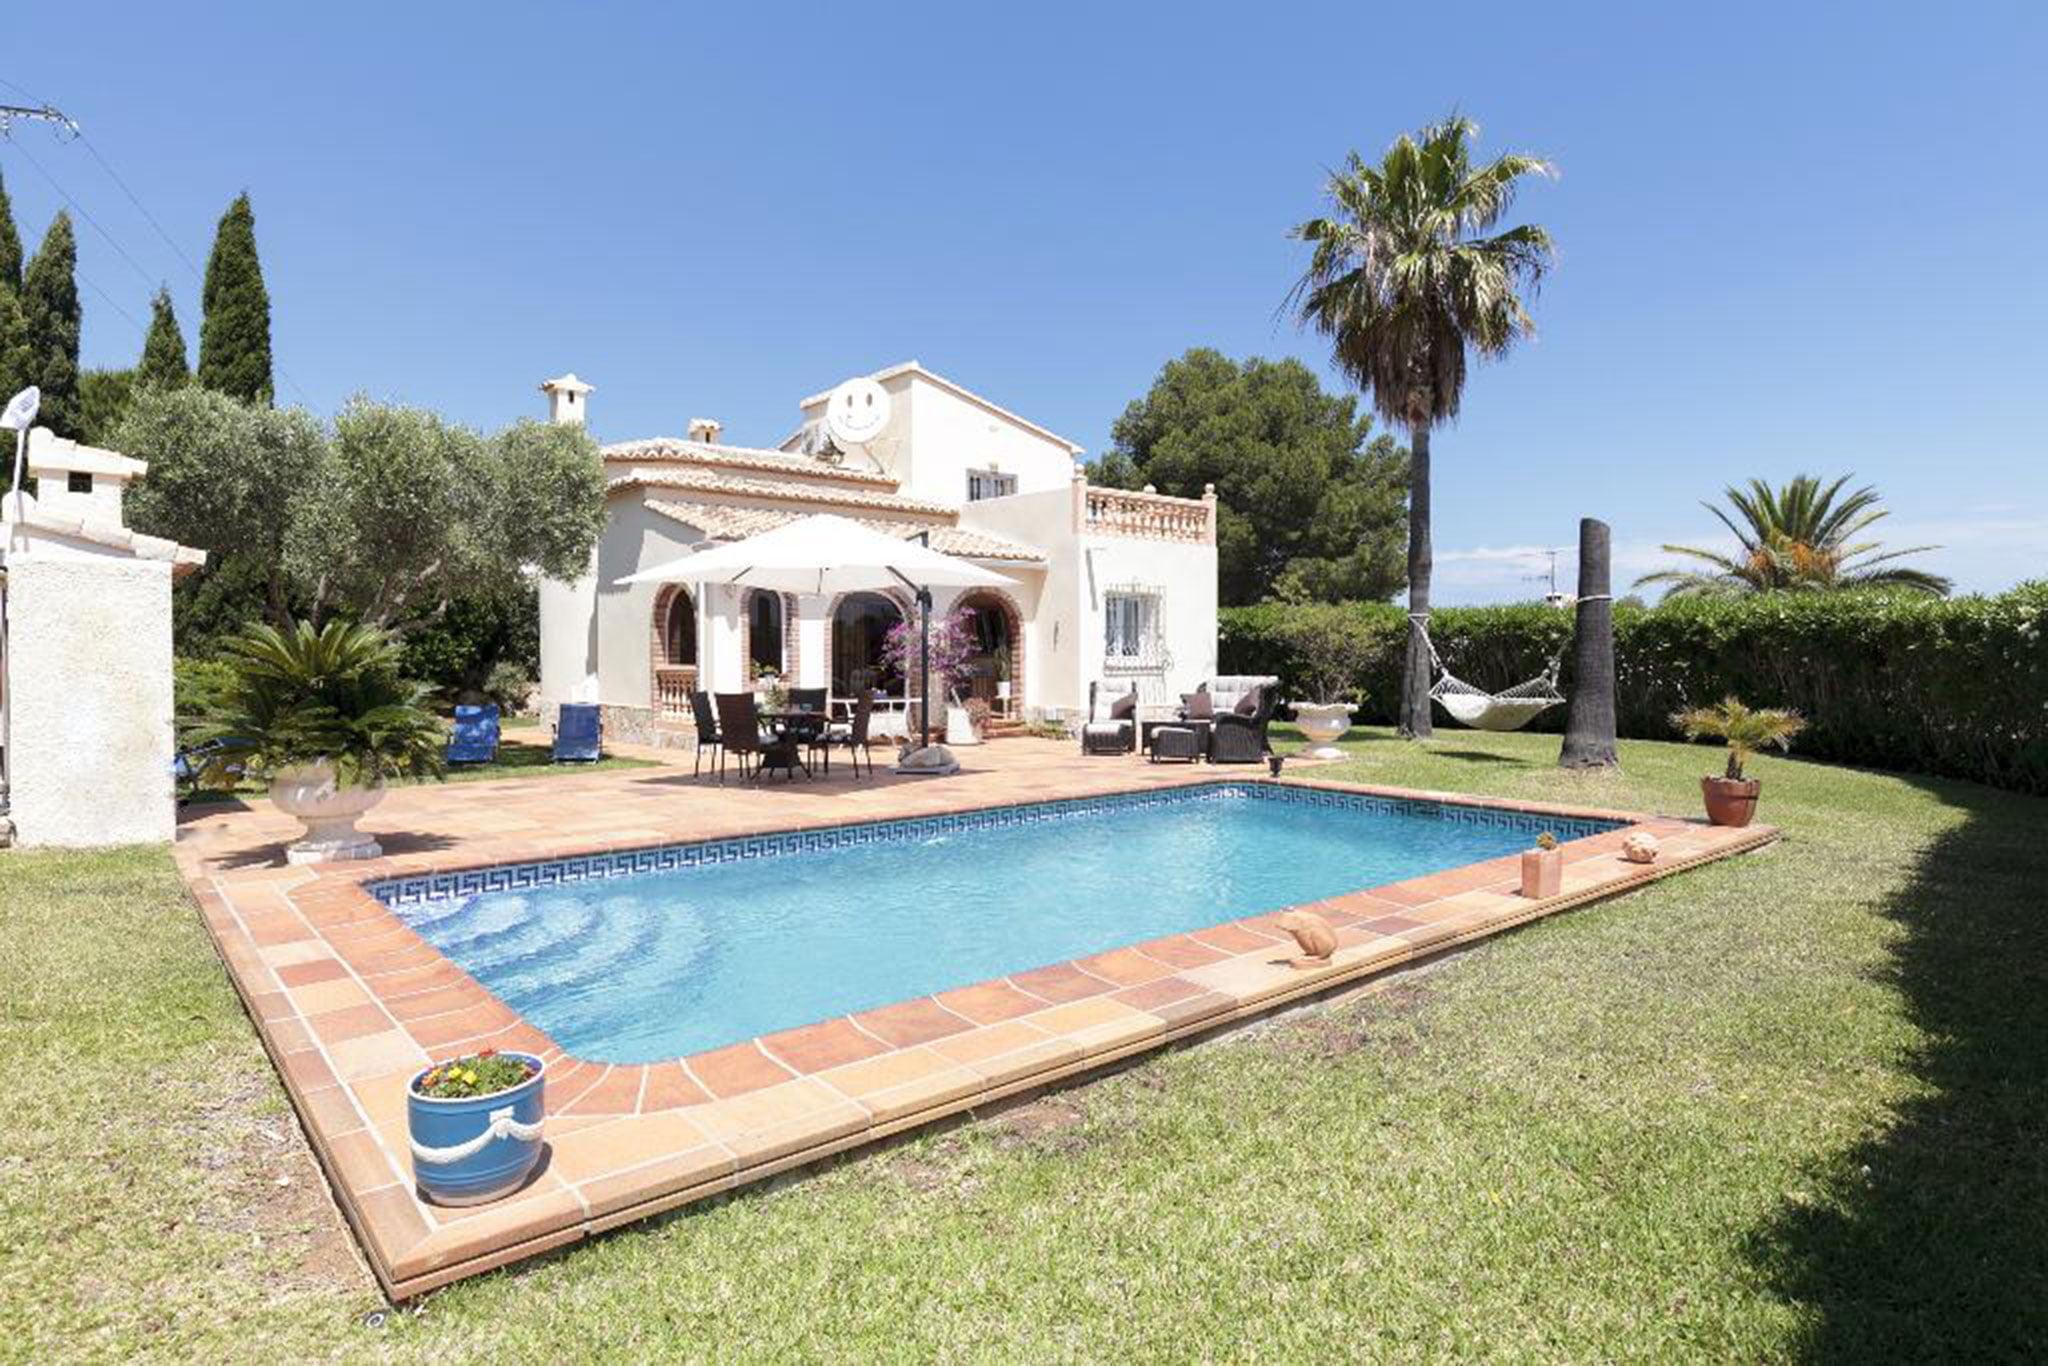 Vista general de una casa en alquiler vacacional en Dénia – Quality Rent a Villa